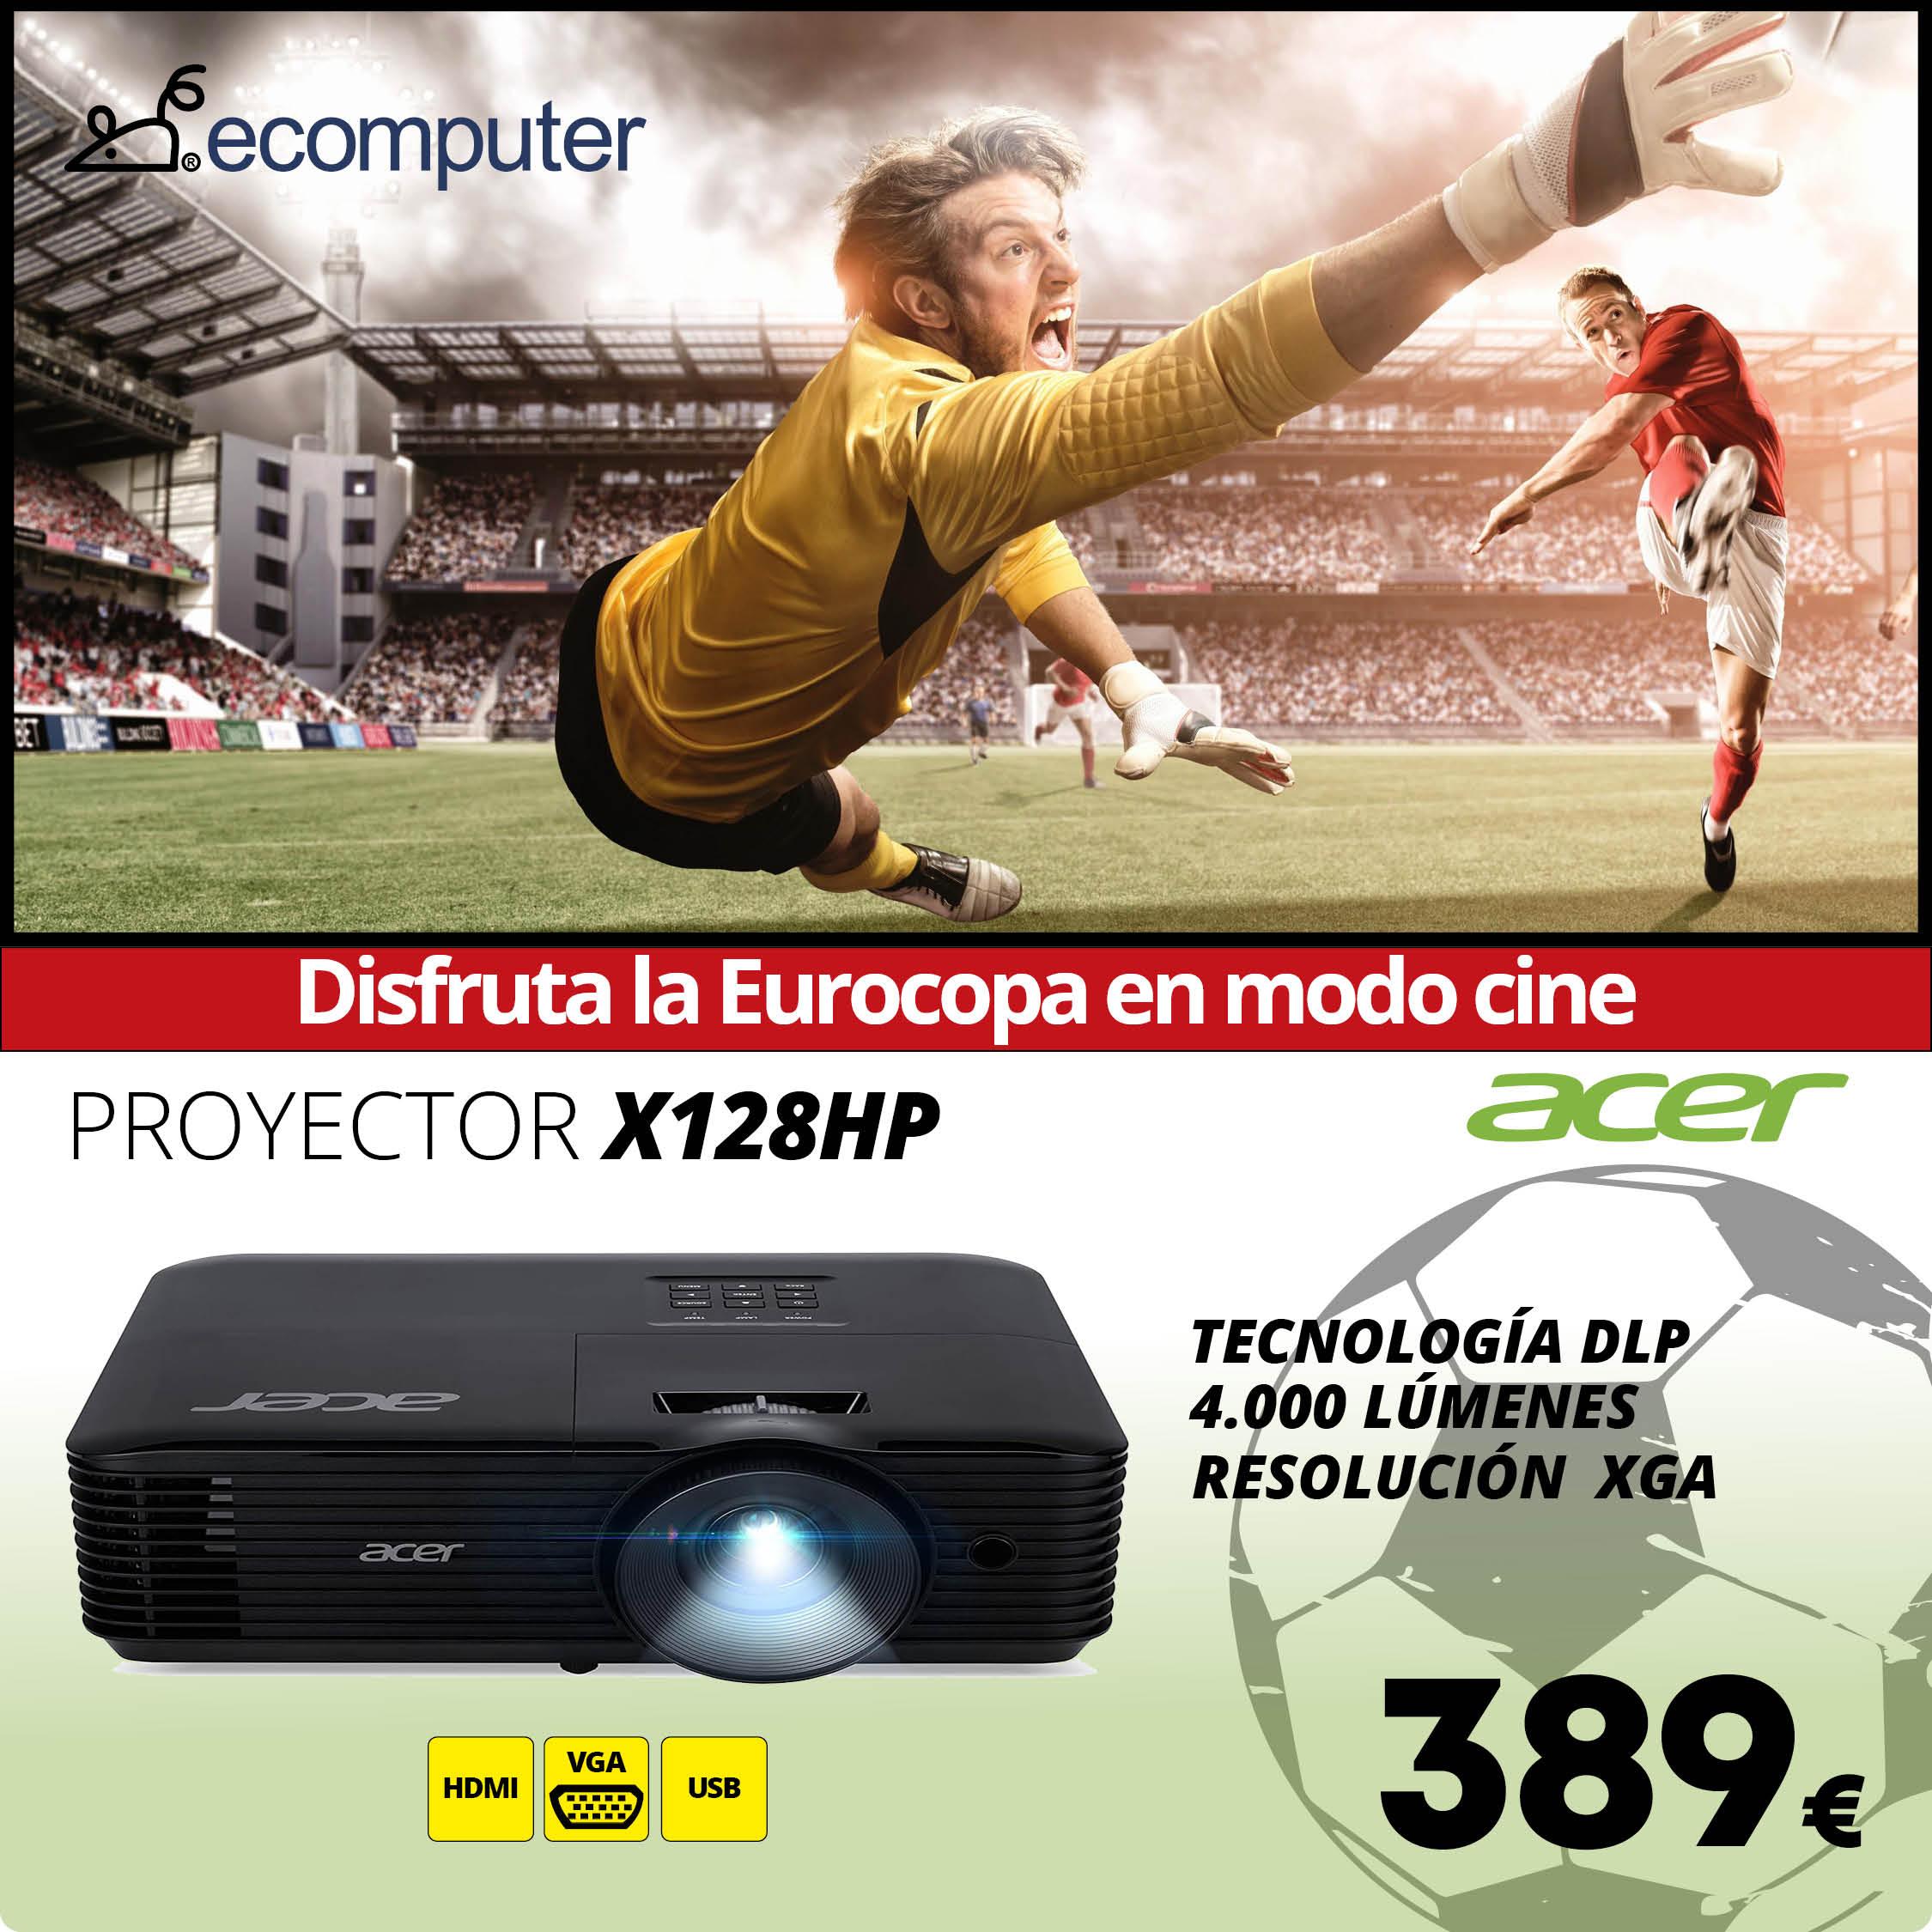 Proyector X128HP de Acer